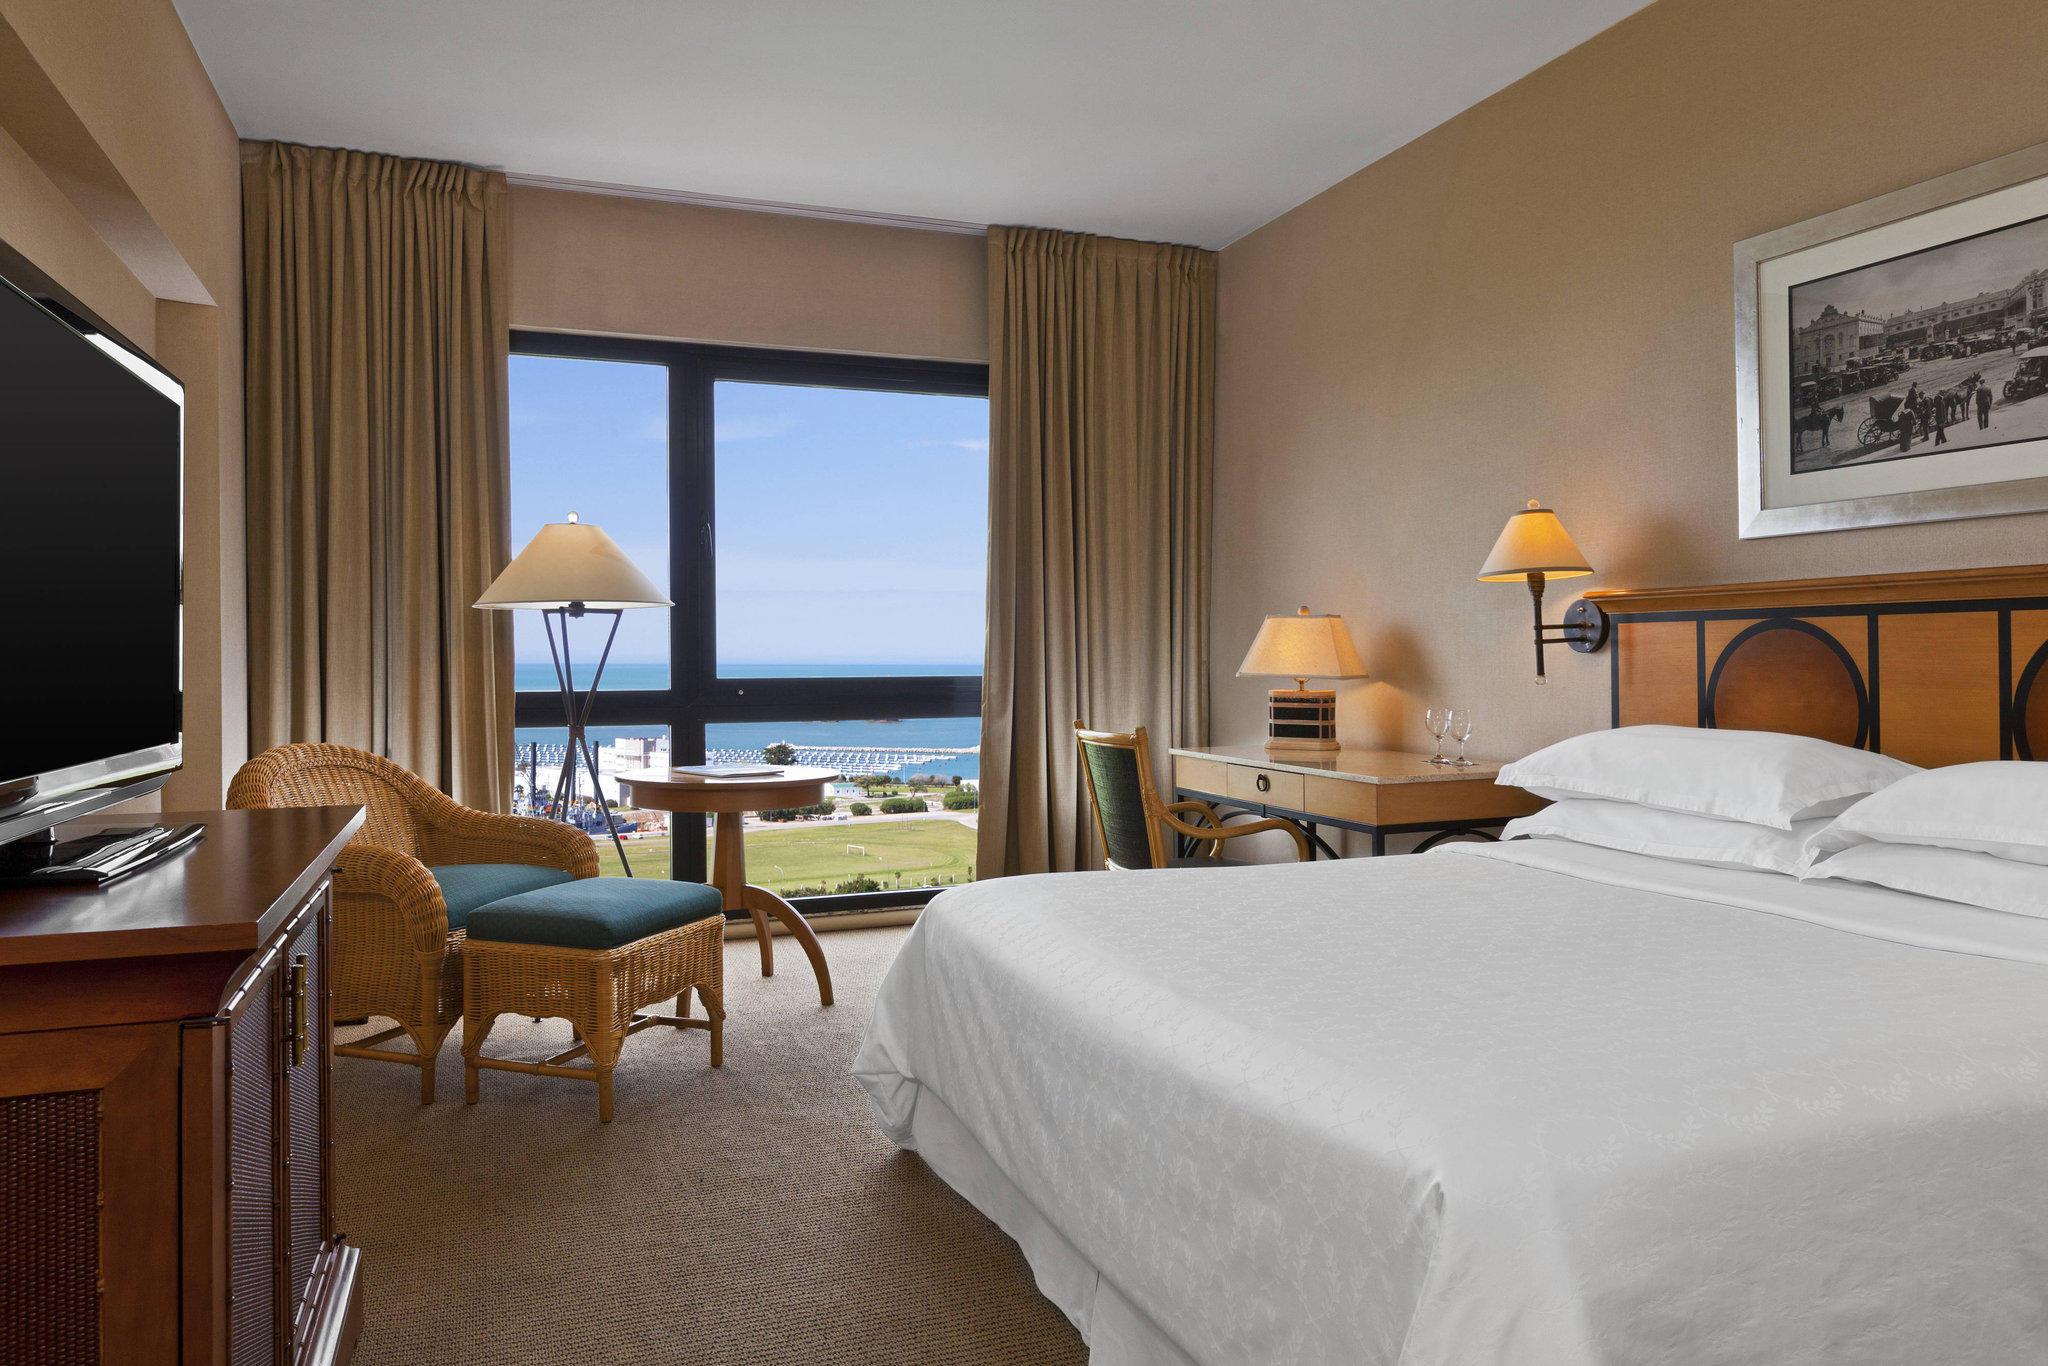 Sheraton Mar del Plata Hotel